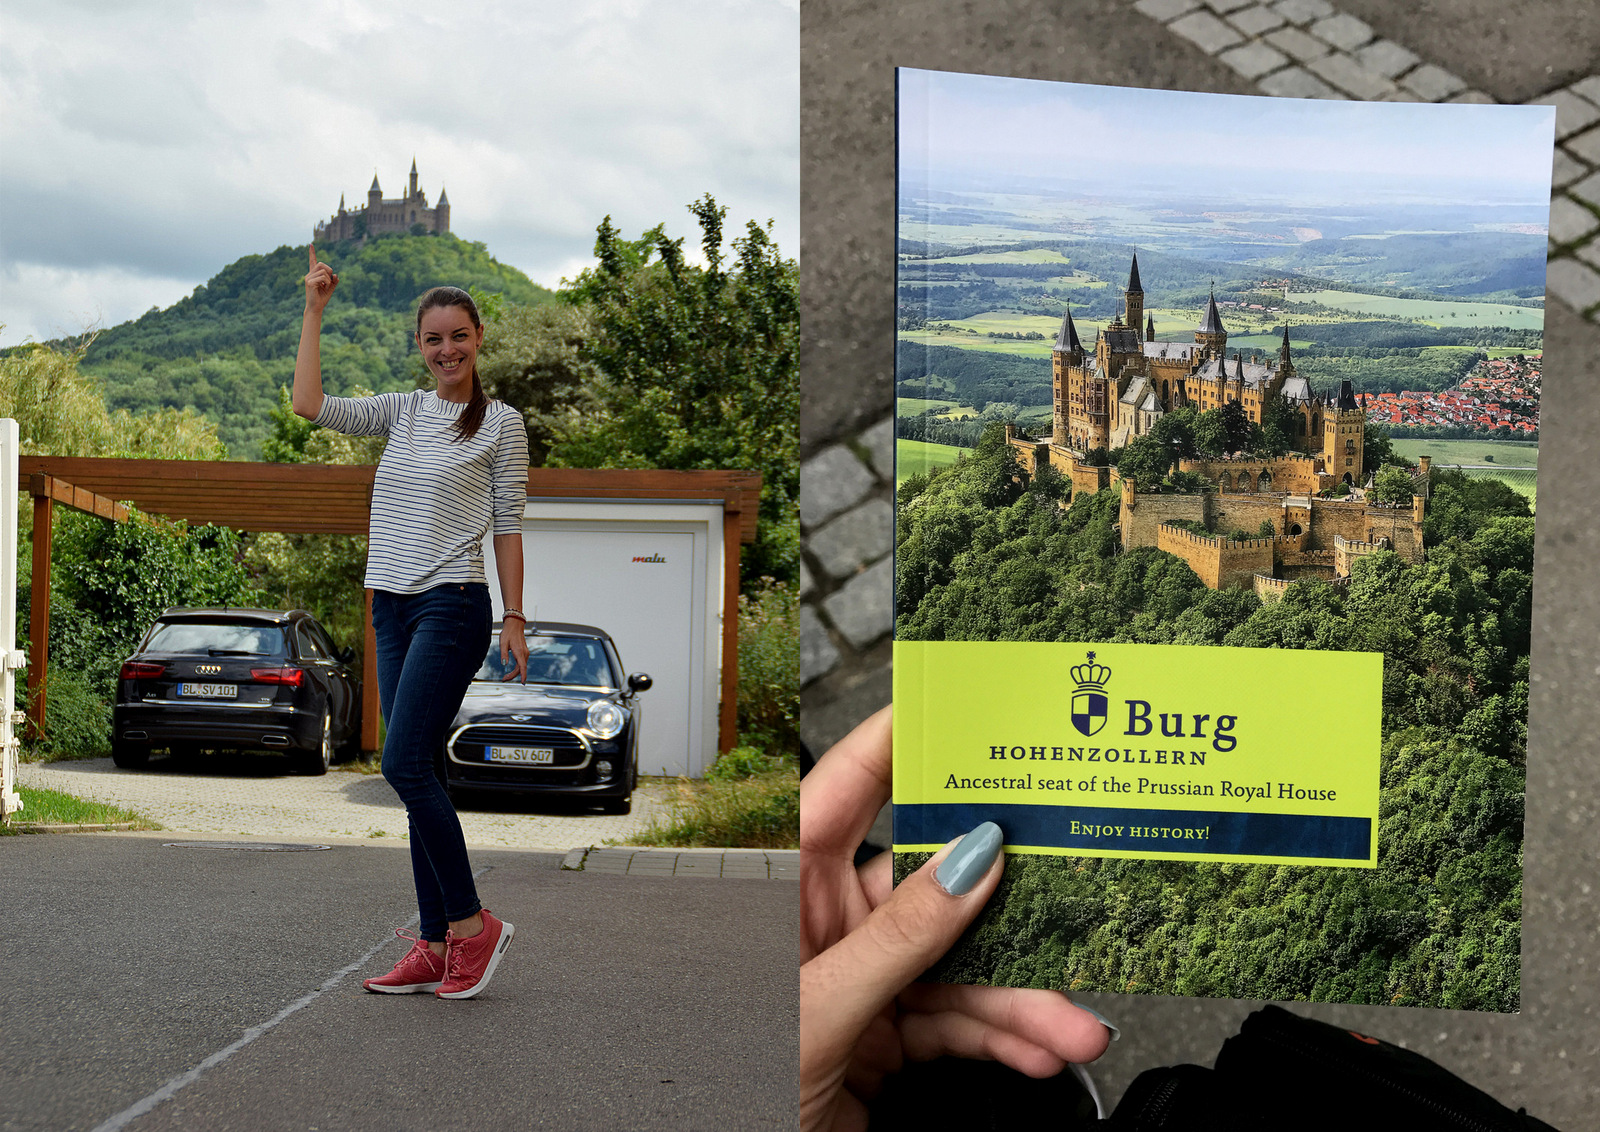 čaj o piatej so skutočných členmi pruskej kráľovskej rodiny Hohenzollern na vrchole pohoria  //  Burg Hohenzollern, Hechingen, Deutschland